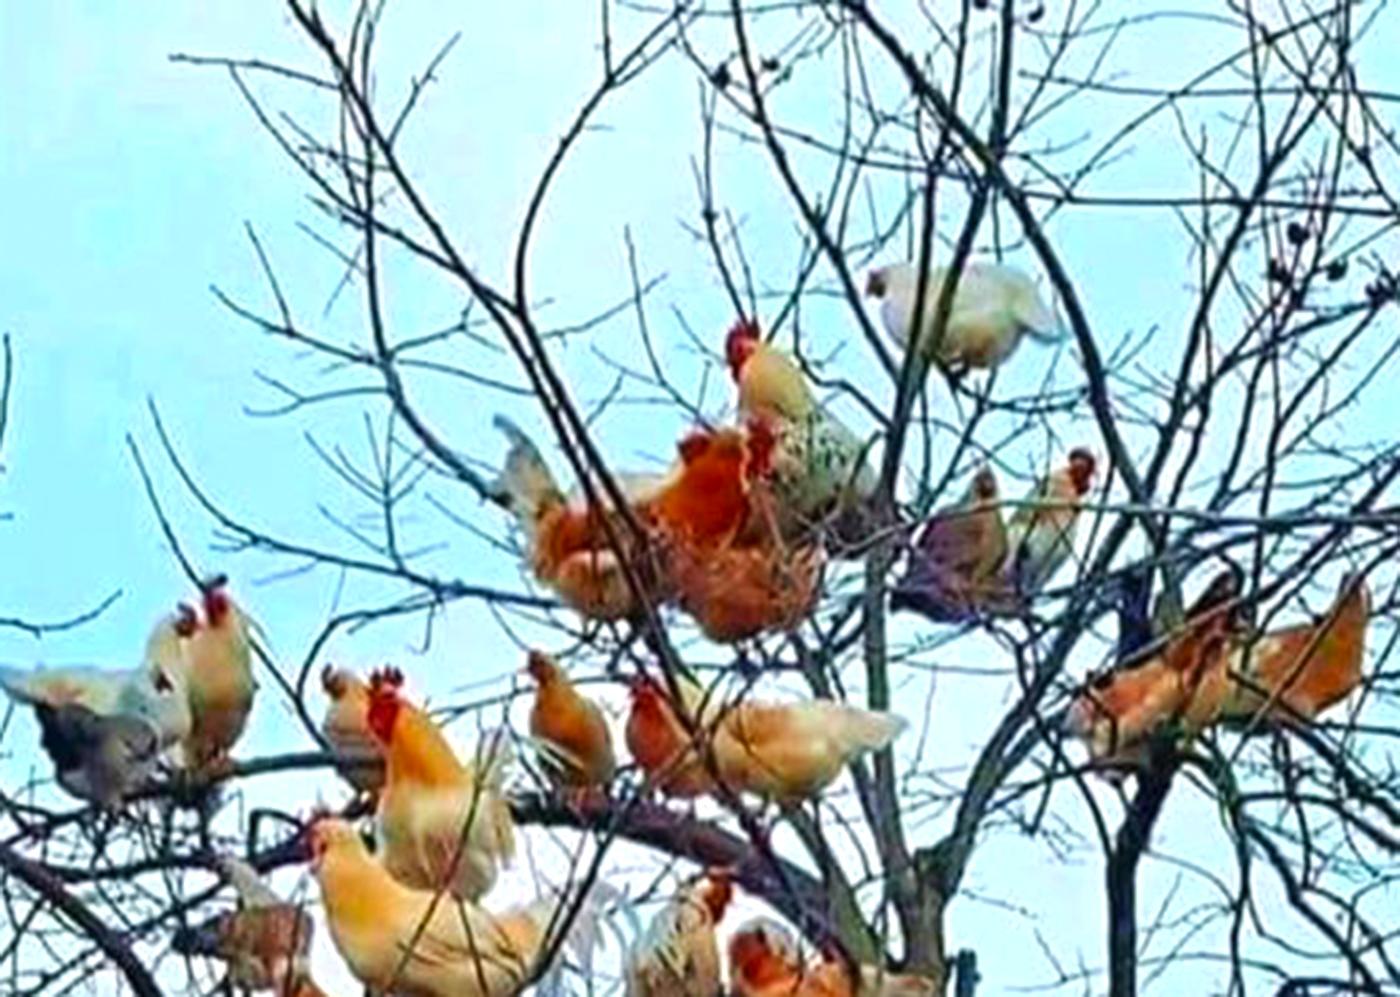 kokoske na drvetu